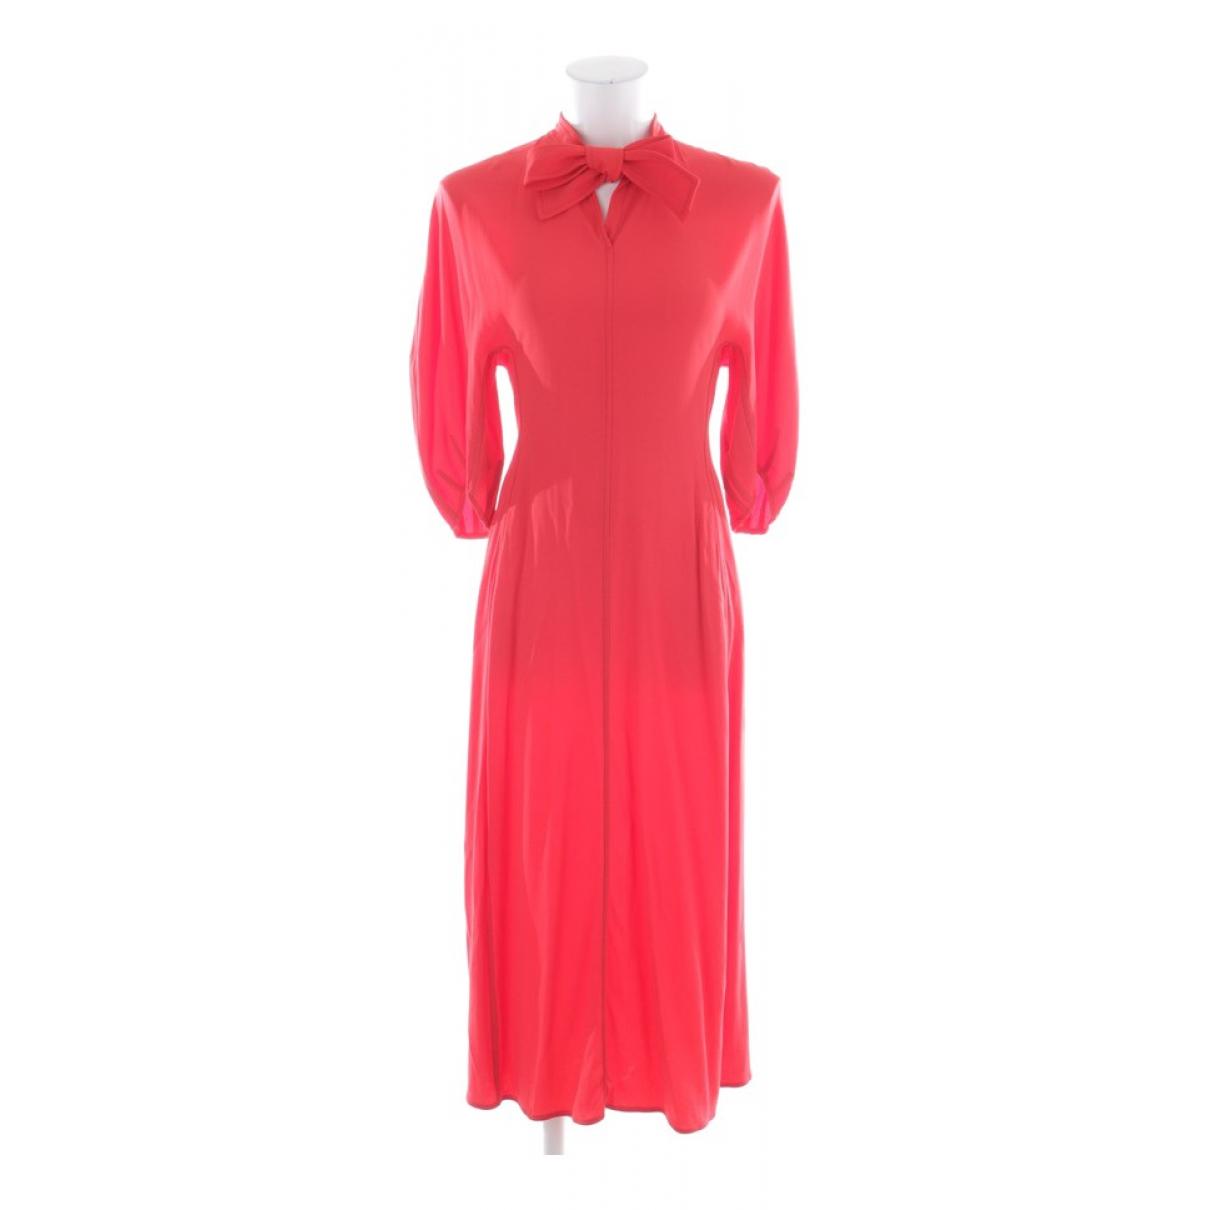 Marni \N Kleid in  Rot Viskose